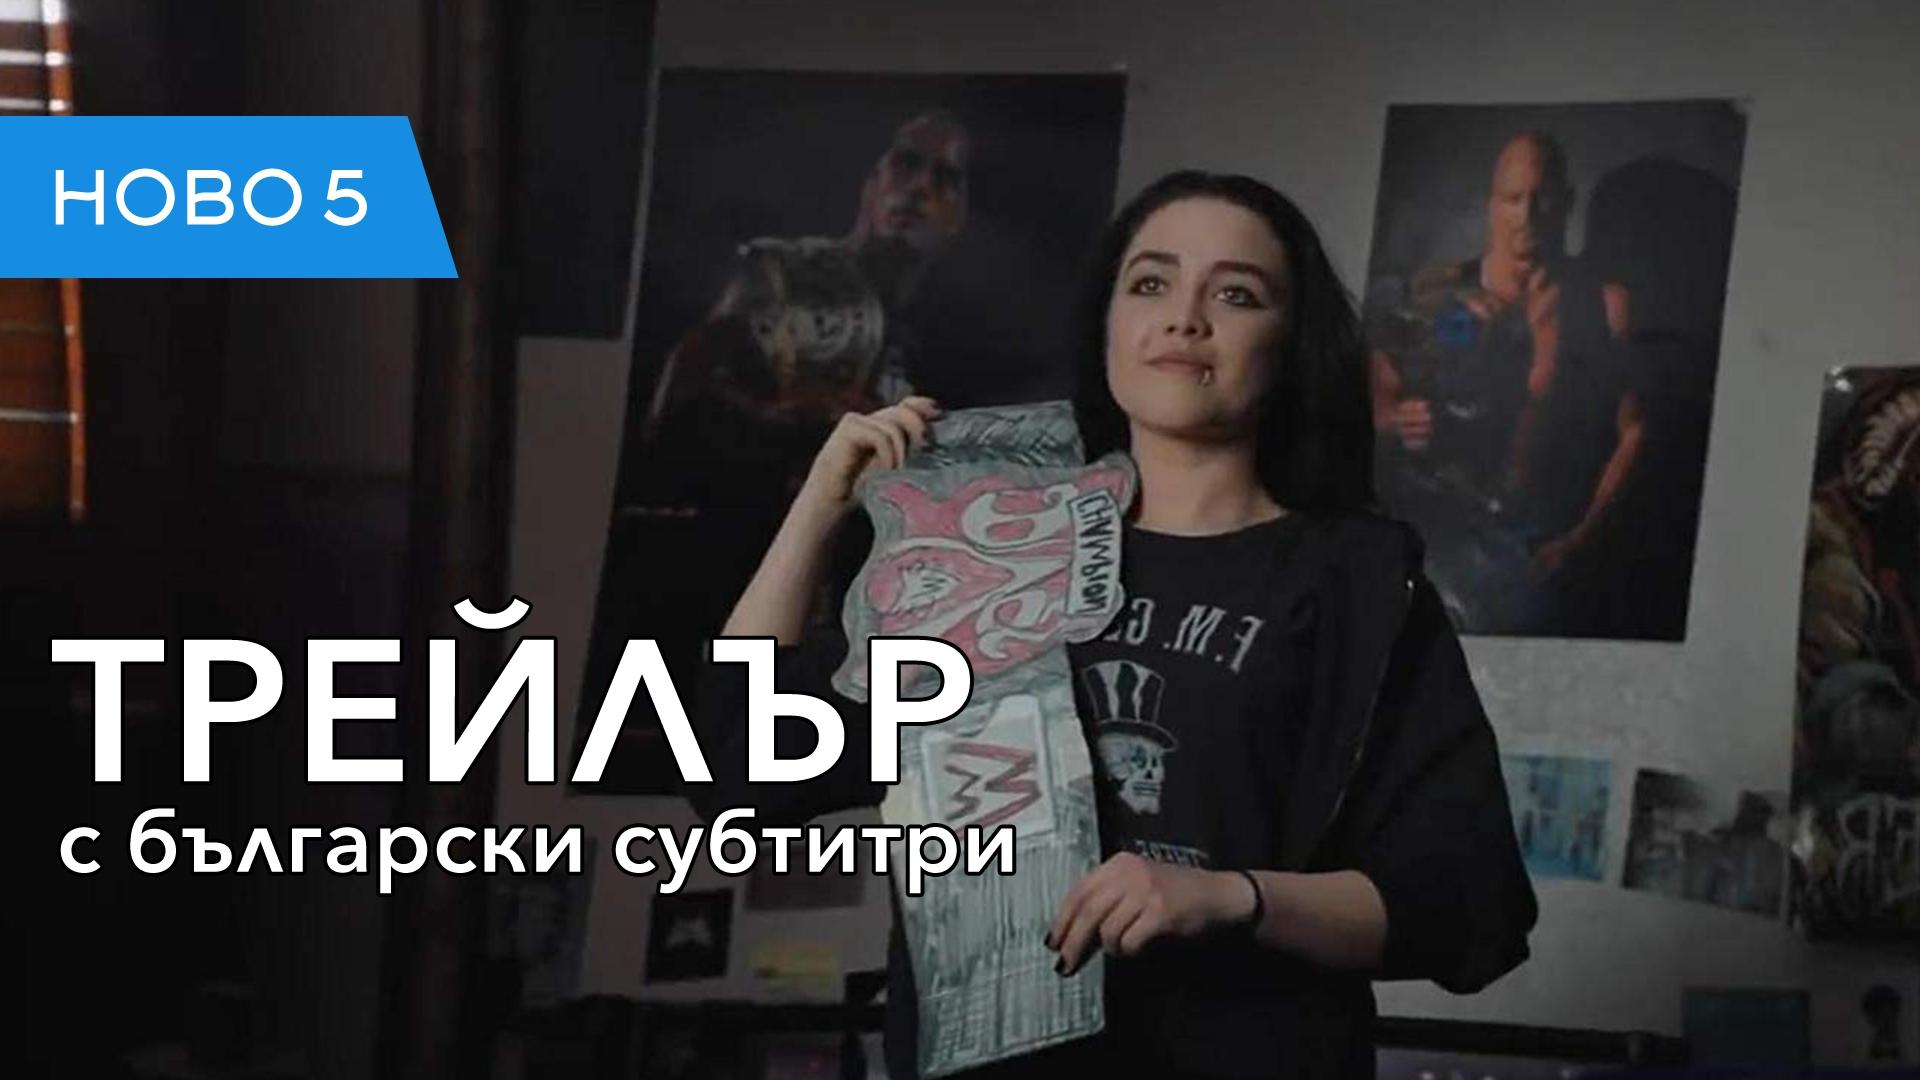 Семейни кютеци (2019) първи трейлър с български субтитри